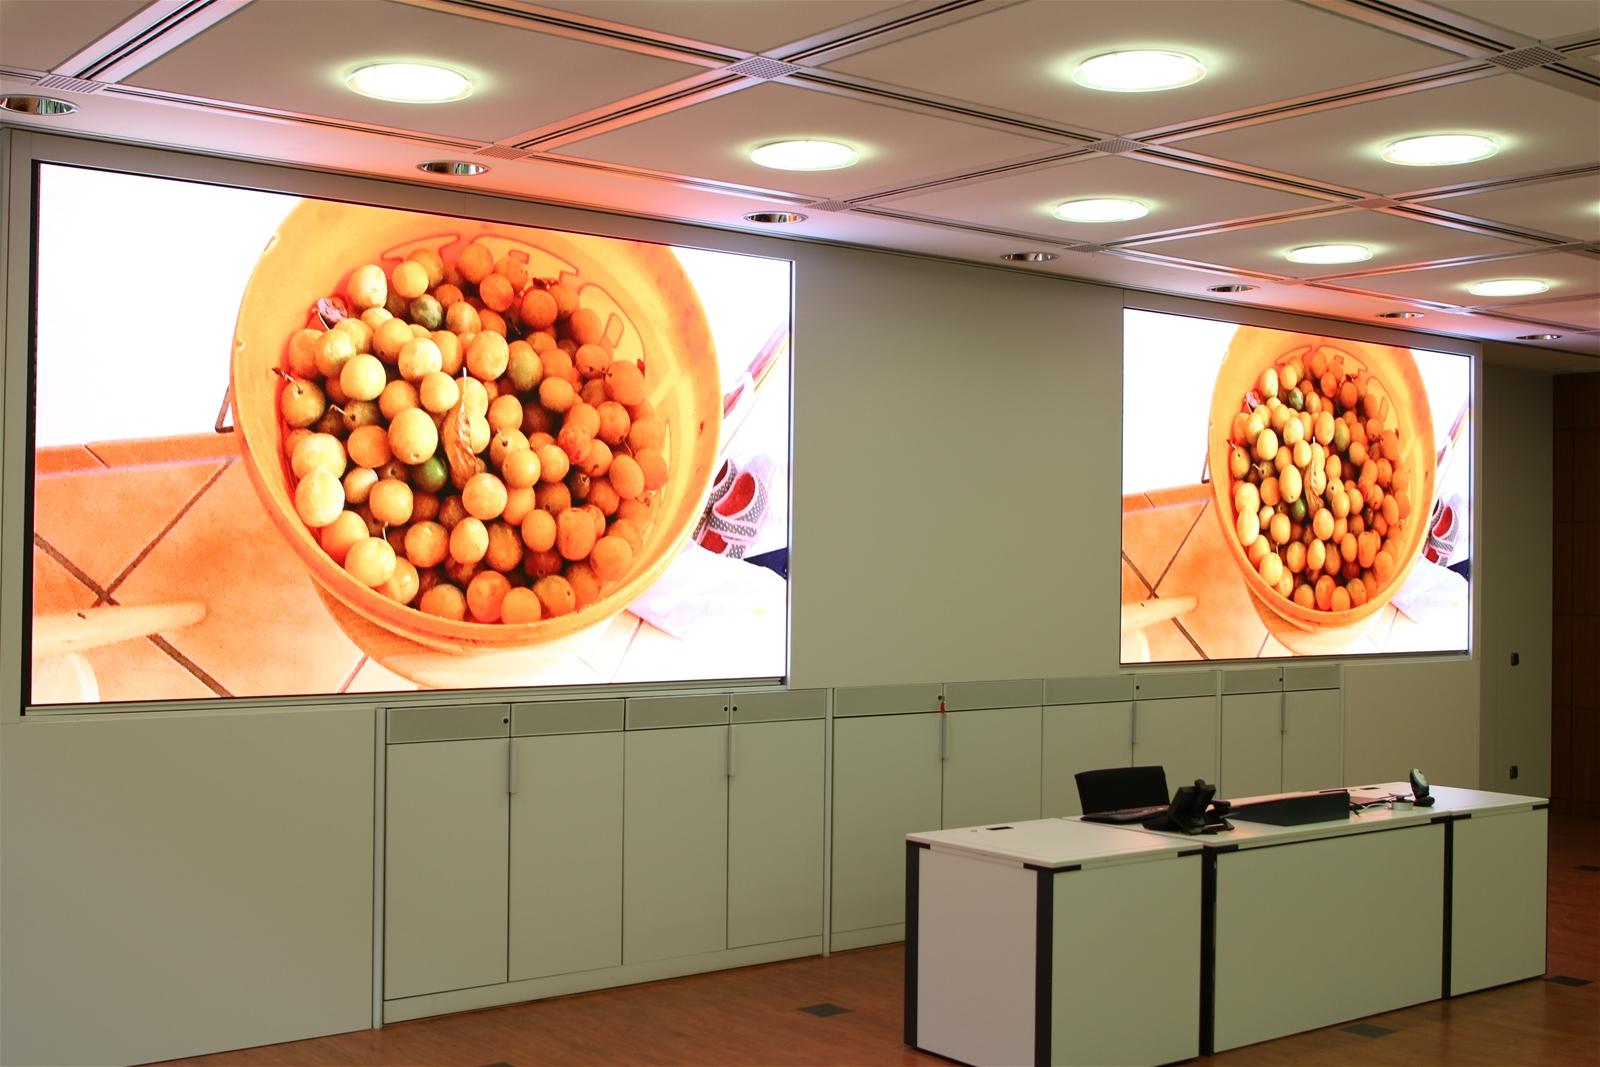 台达小间距 LED 显示屏服务汉诺威Rück公司